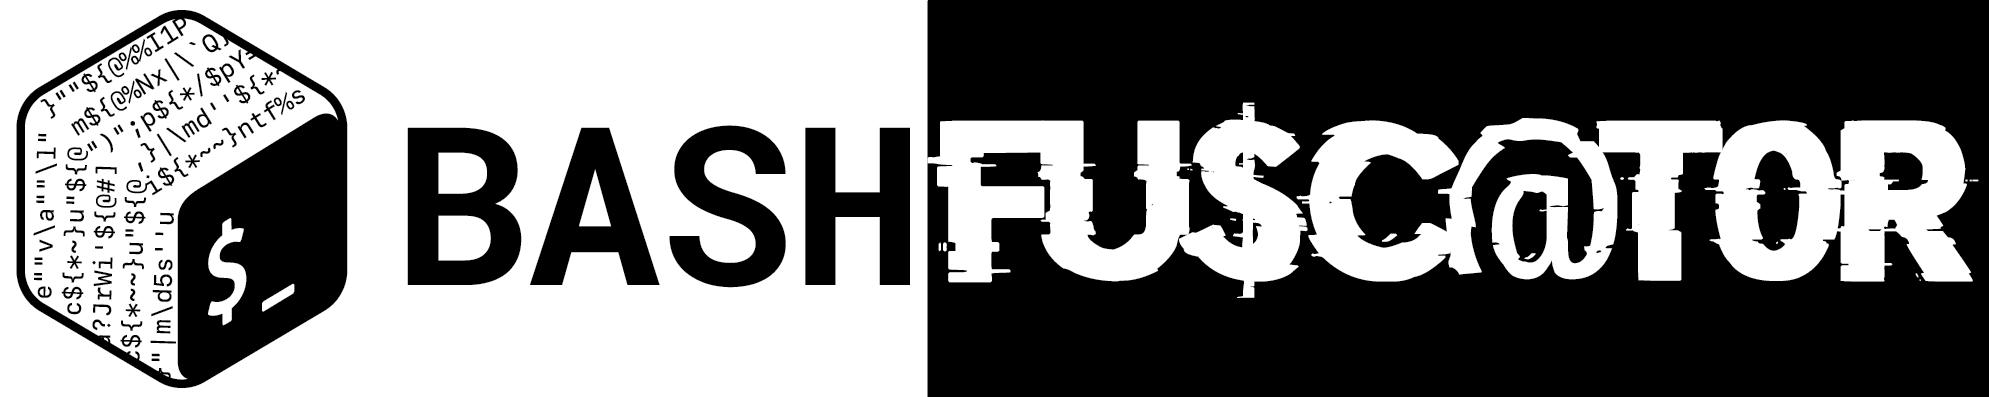 Bashfuscator logo